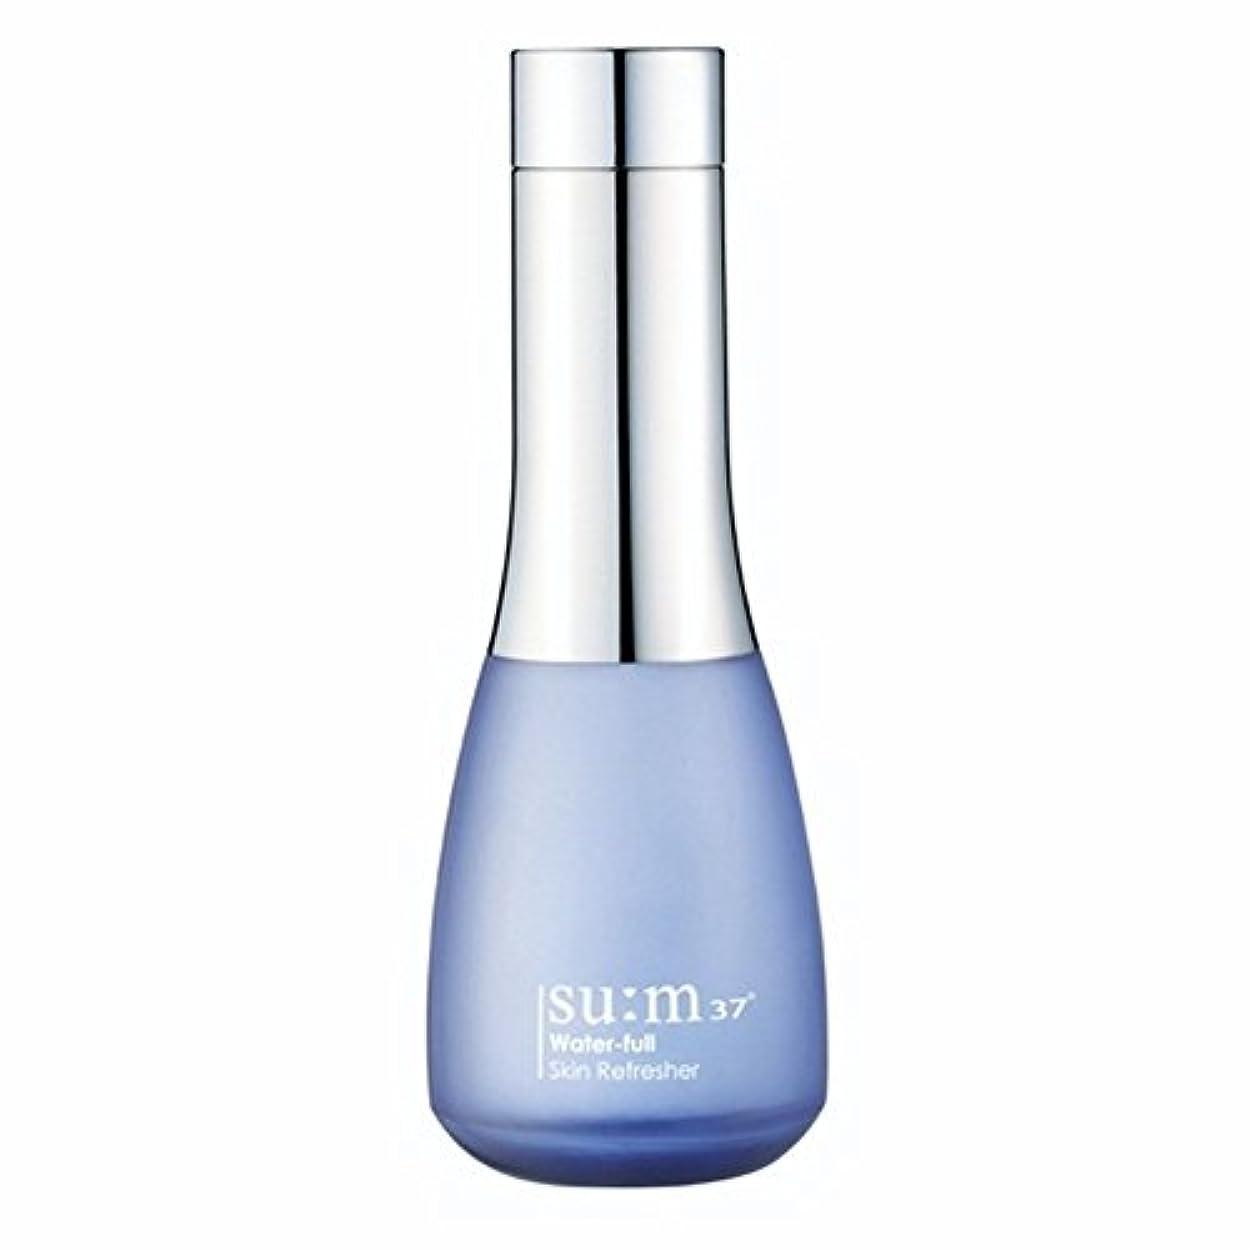 詳細にお客様正直[su:m37/スム37°] SUM37 Water-full Skin Refresher 170ml(並行輸入品)